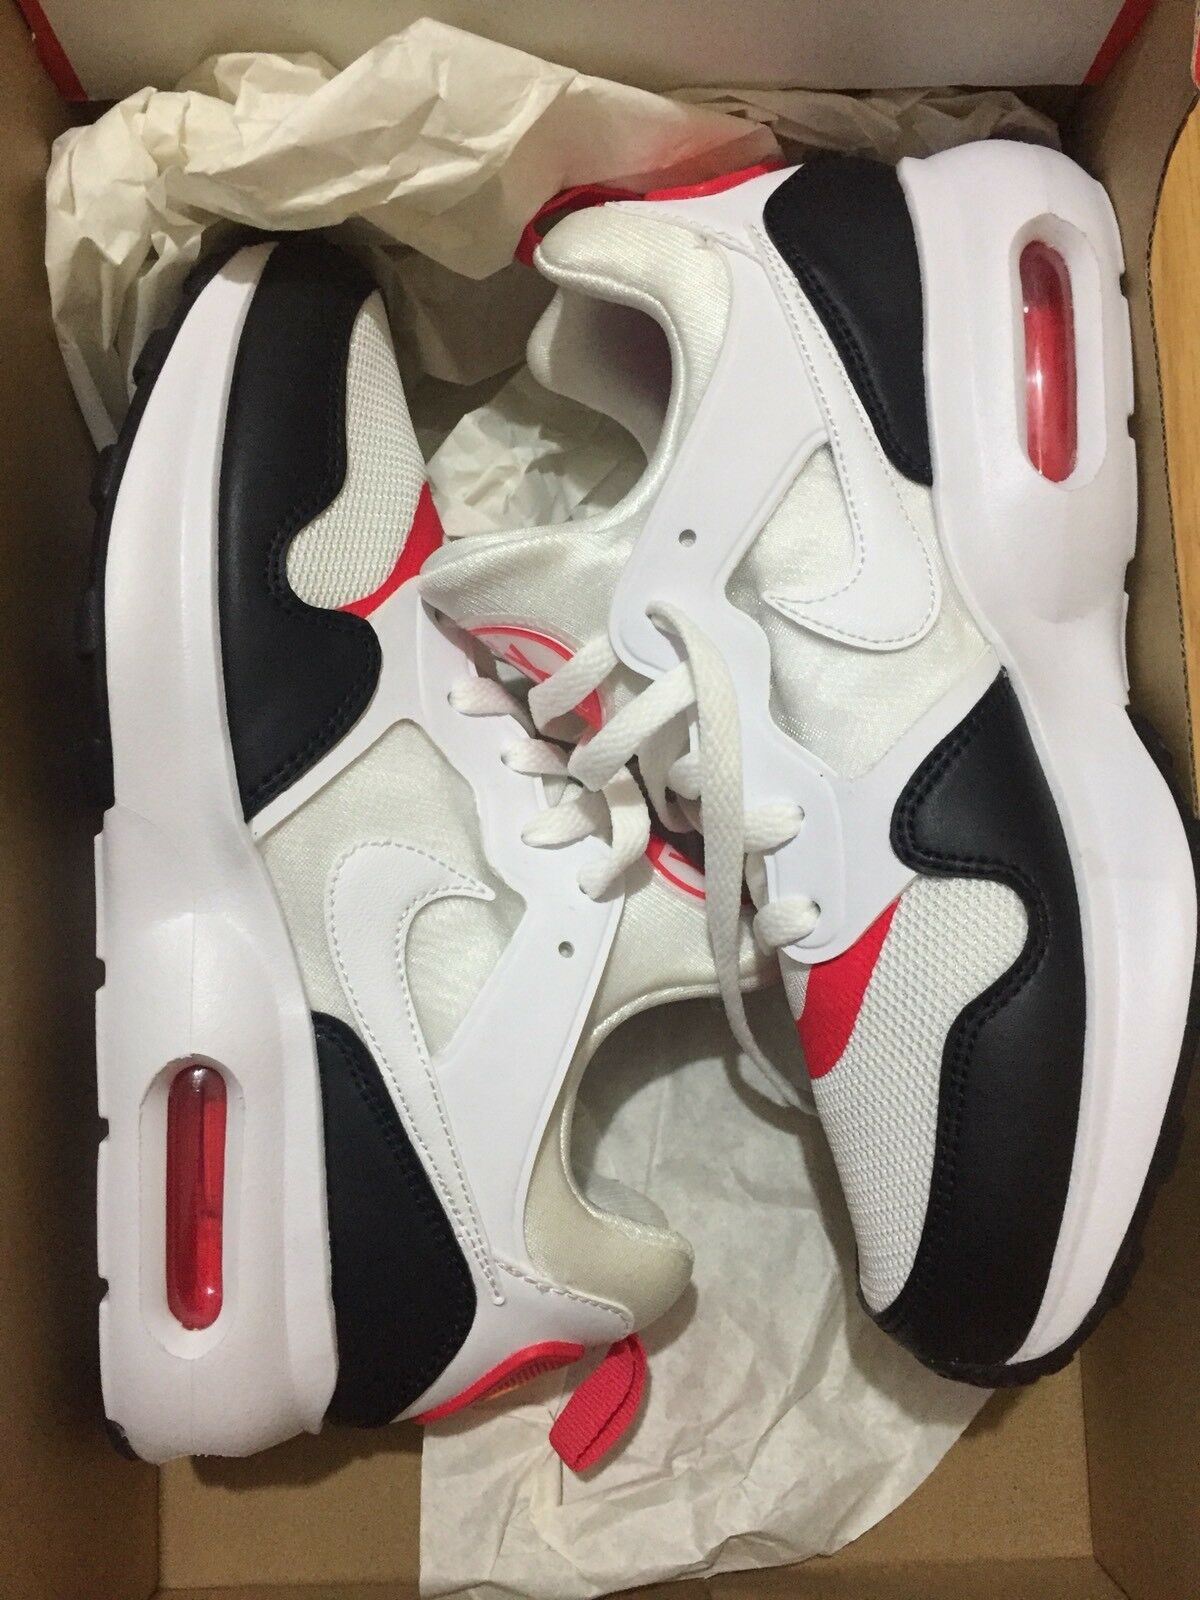 Nike air max prime größe / weiß / größe rot / schwarz 55aecf